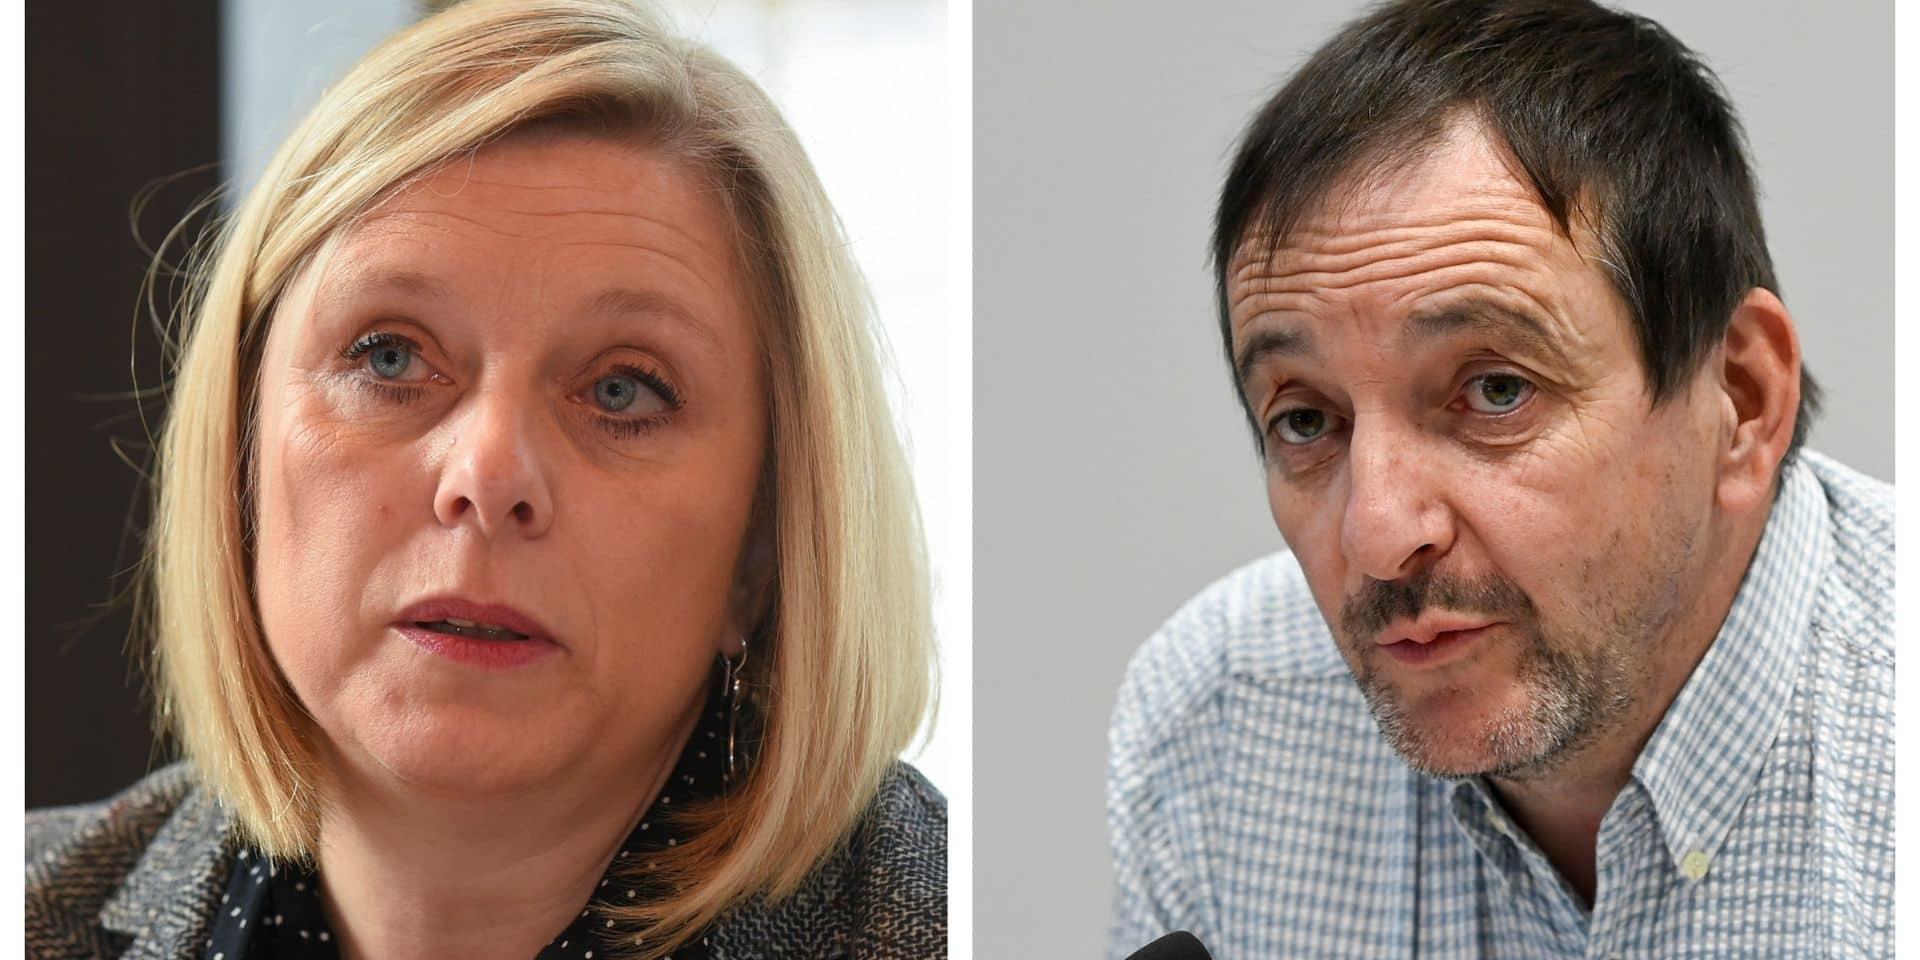 Fêtes de Wallonie : PS et PTB réagissent au discours de Maxime Prévot